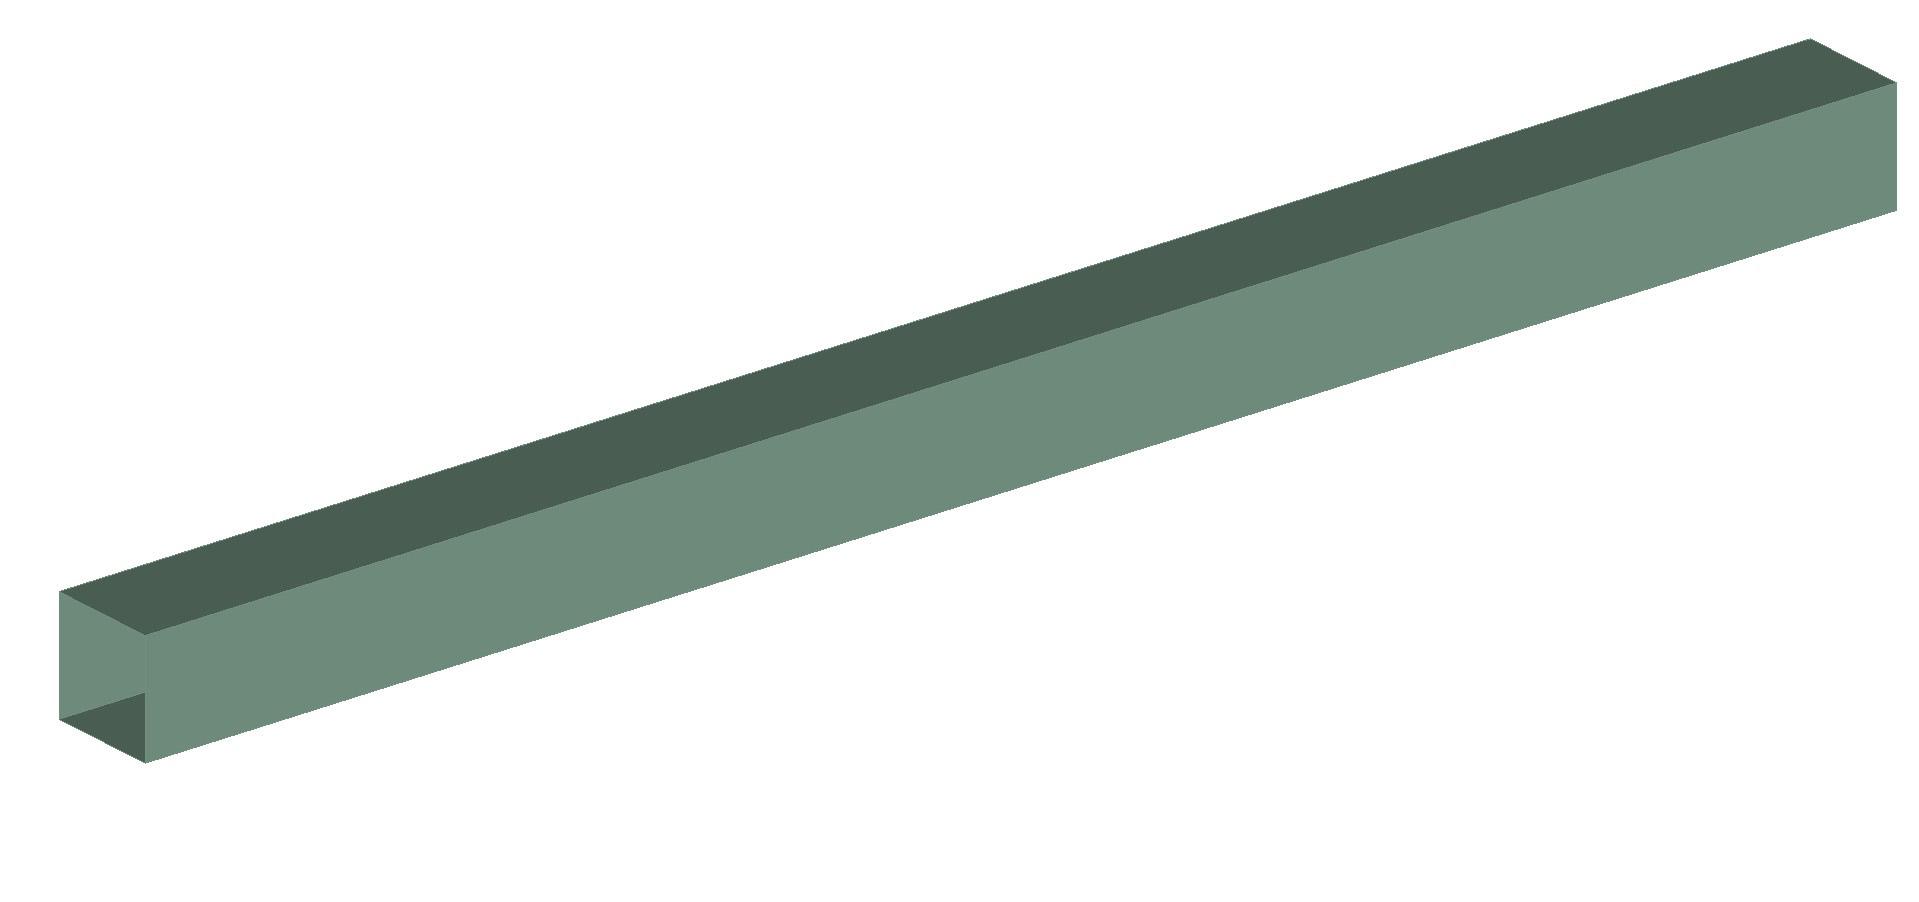 Figure 2  Culvert Modeling Tool Window within Wireless InSite window.